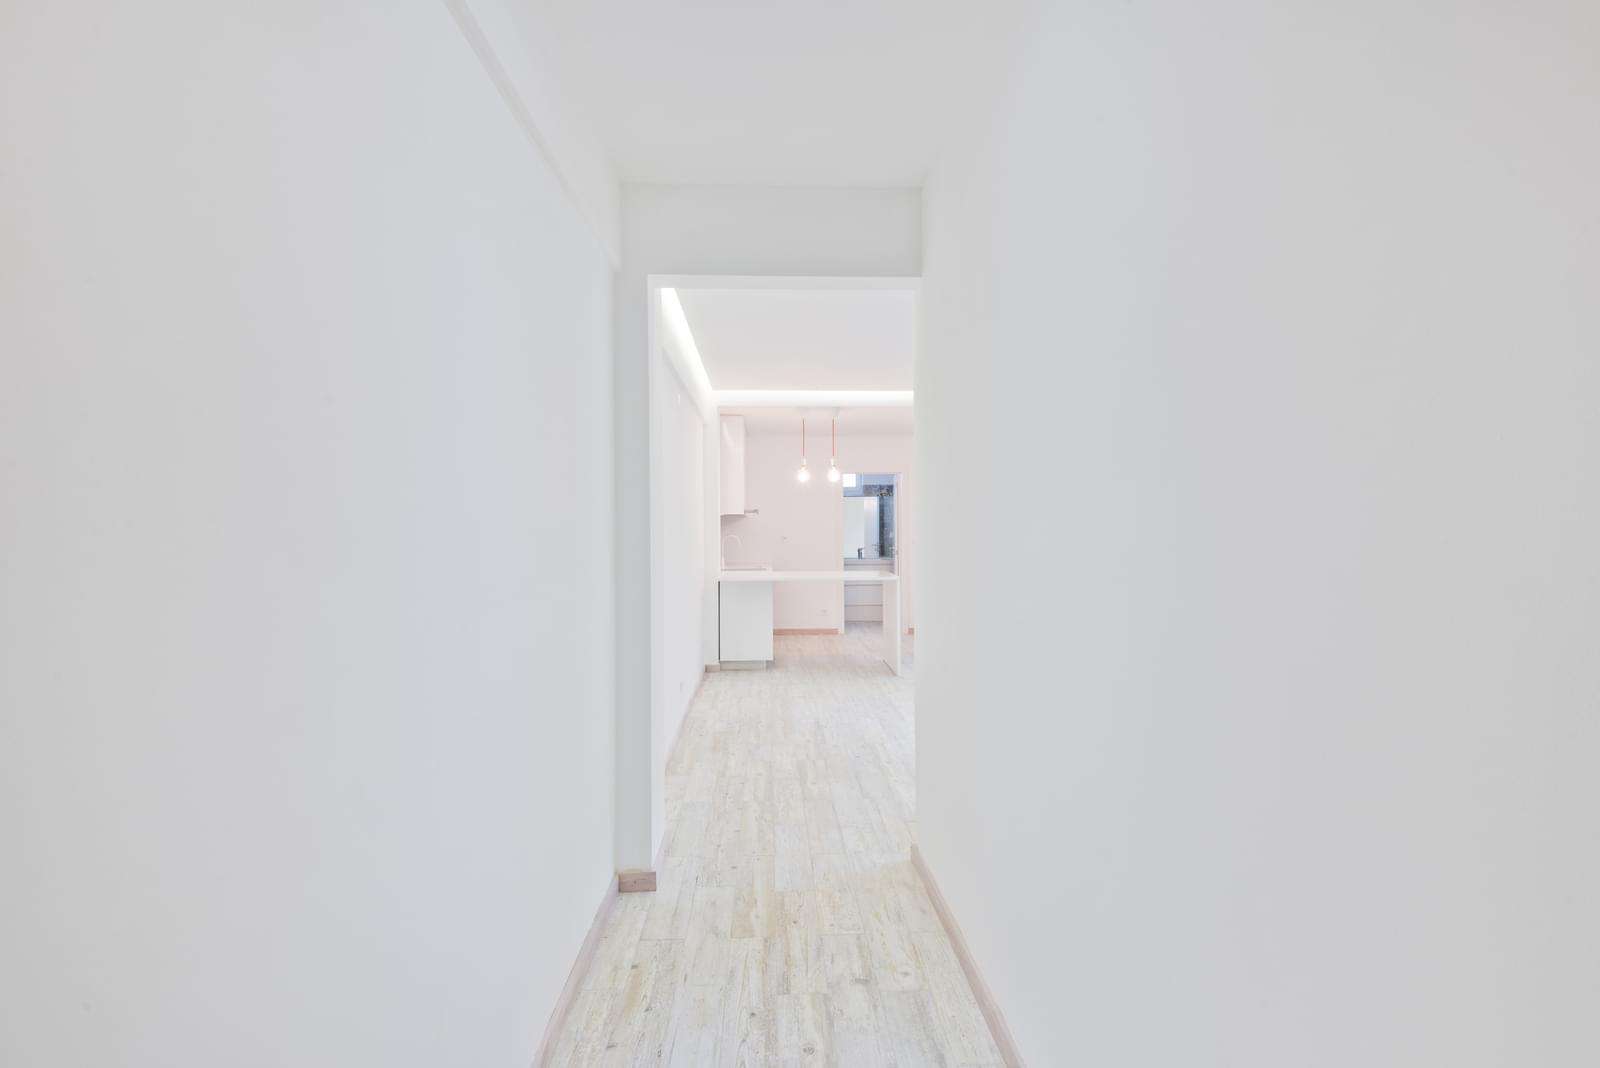 pf17818-apartamento-t1-cascais-620b0b8b-63bf-432a-8760-887c9dac265d